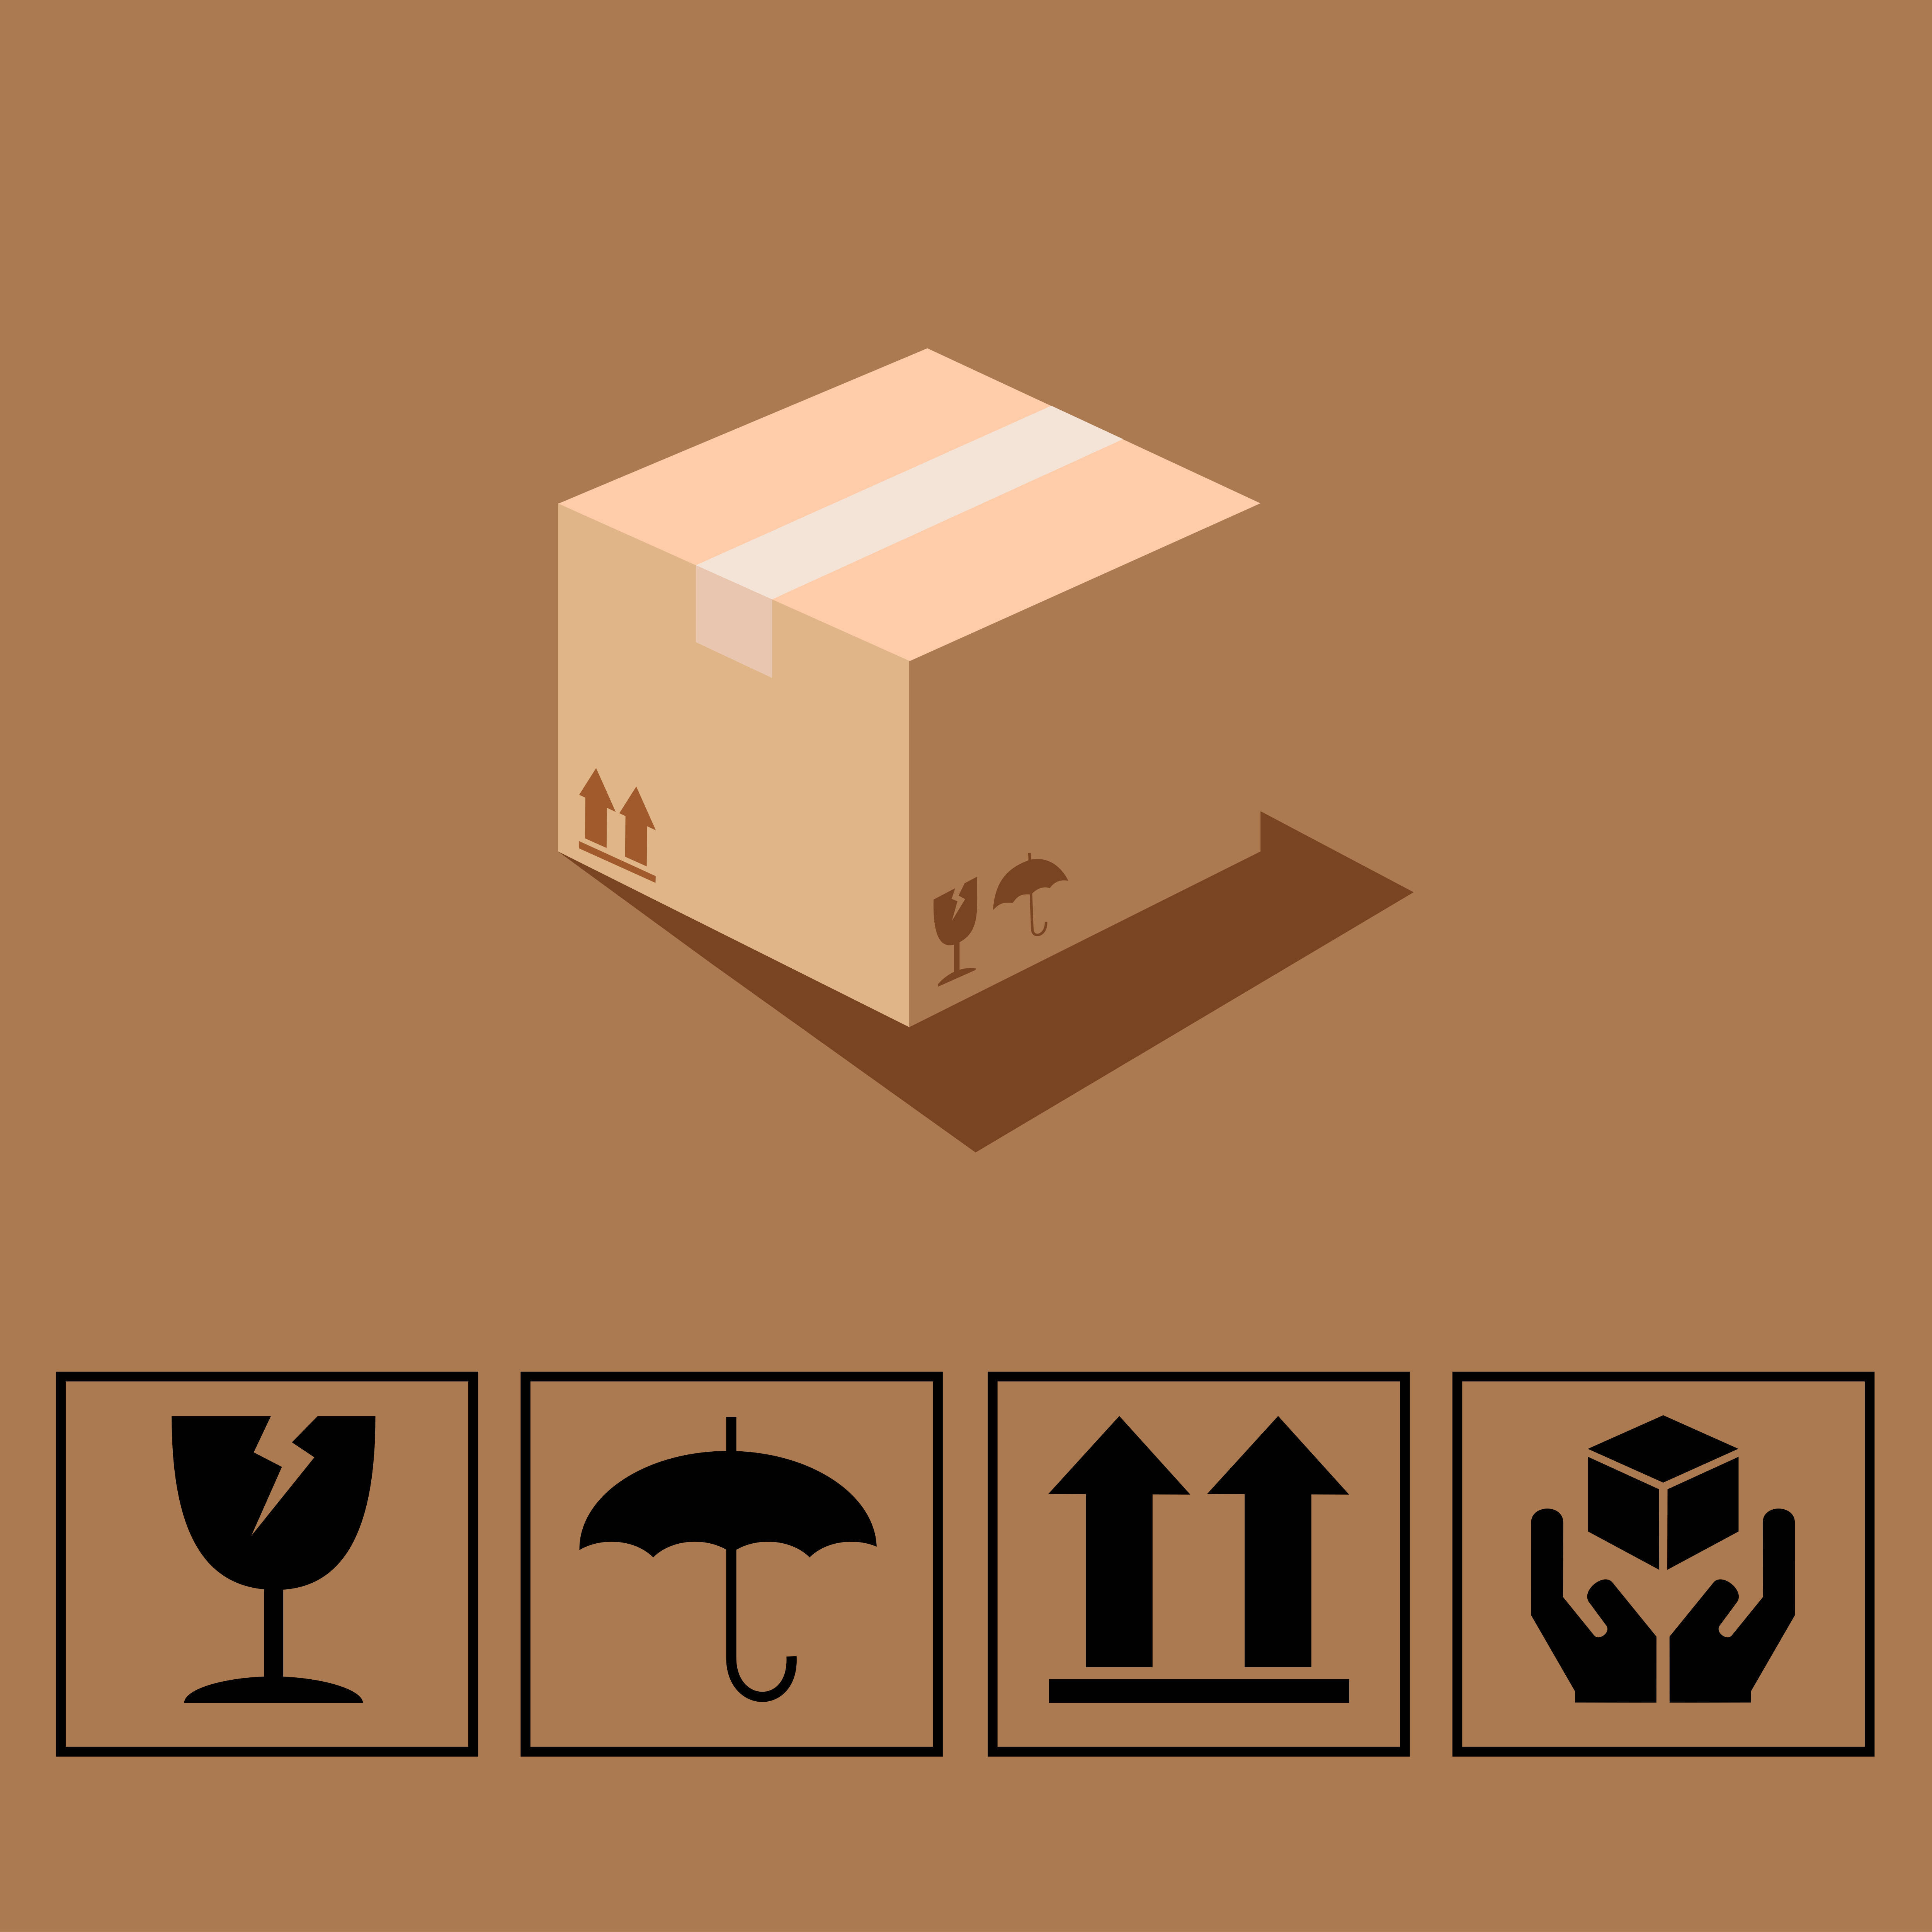 Los símbolos en paquetería